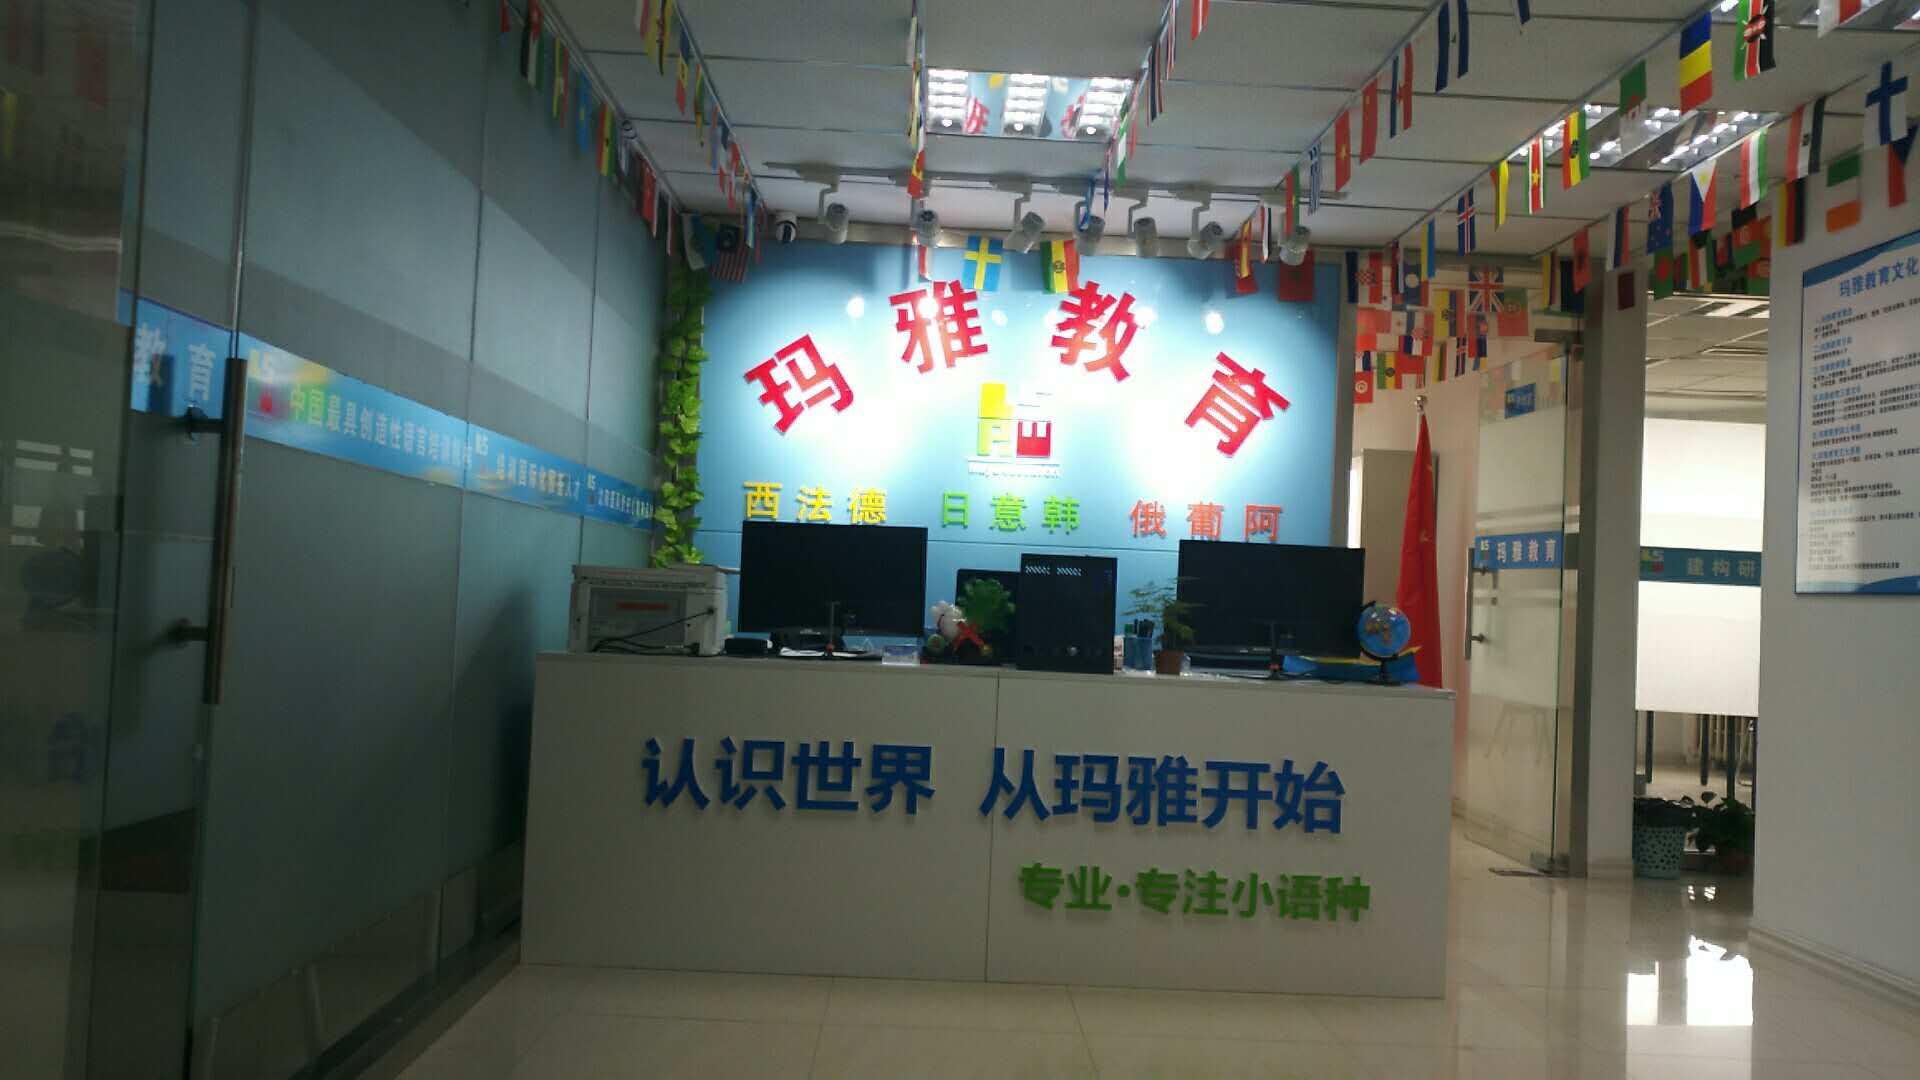 沈阳玛雅教育韩语晚班,周末班,全日制班十一火热招生中